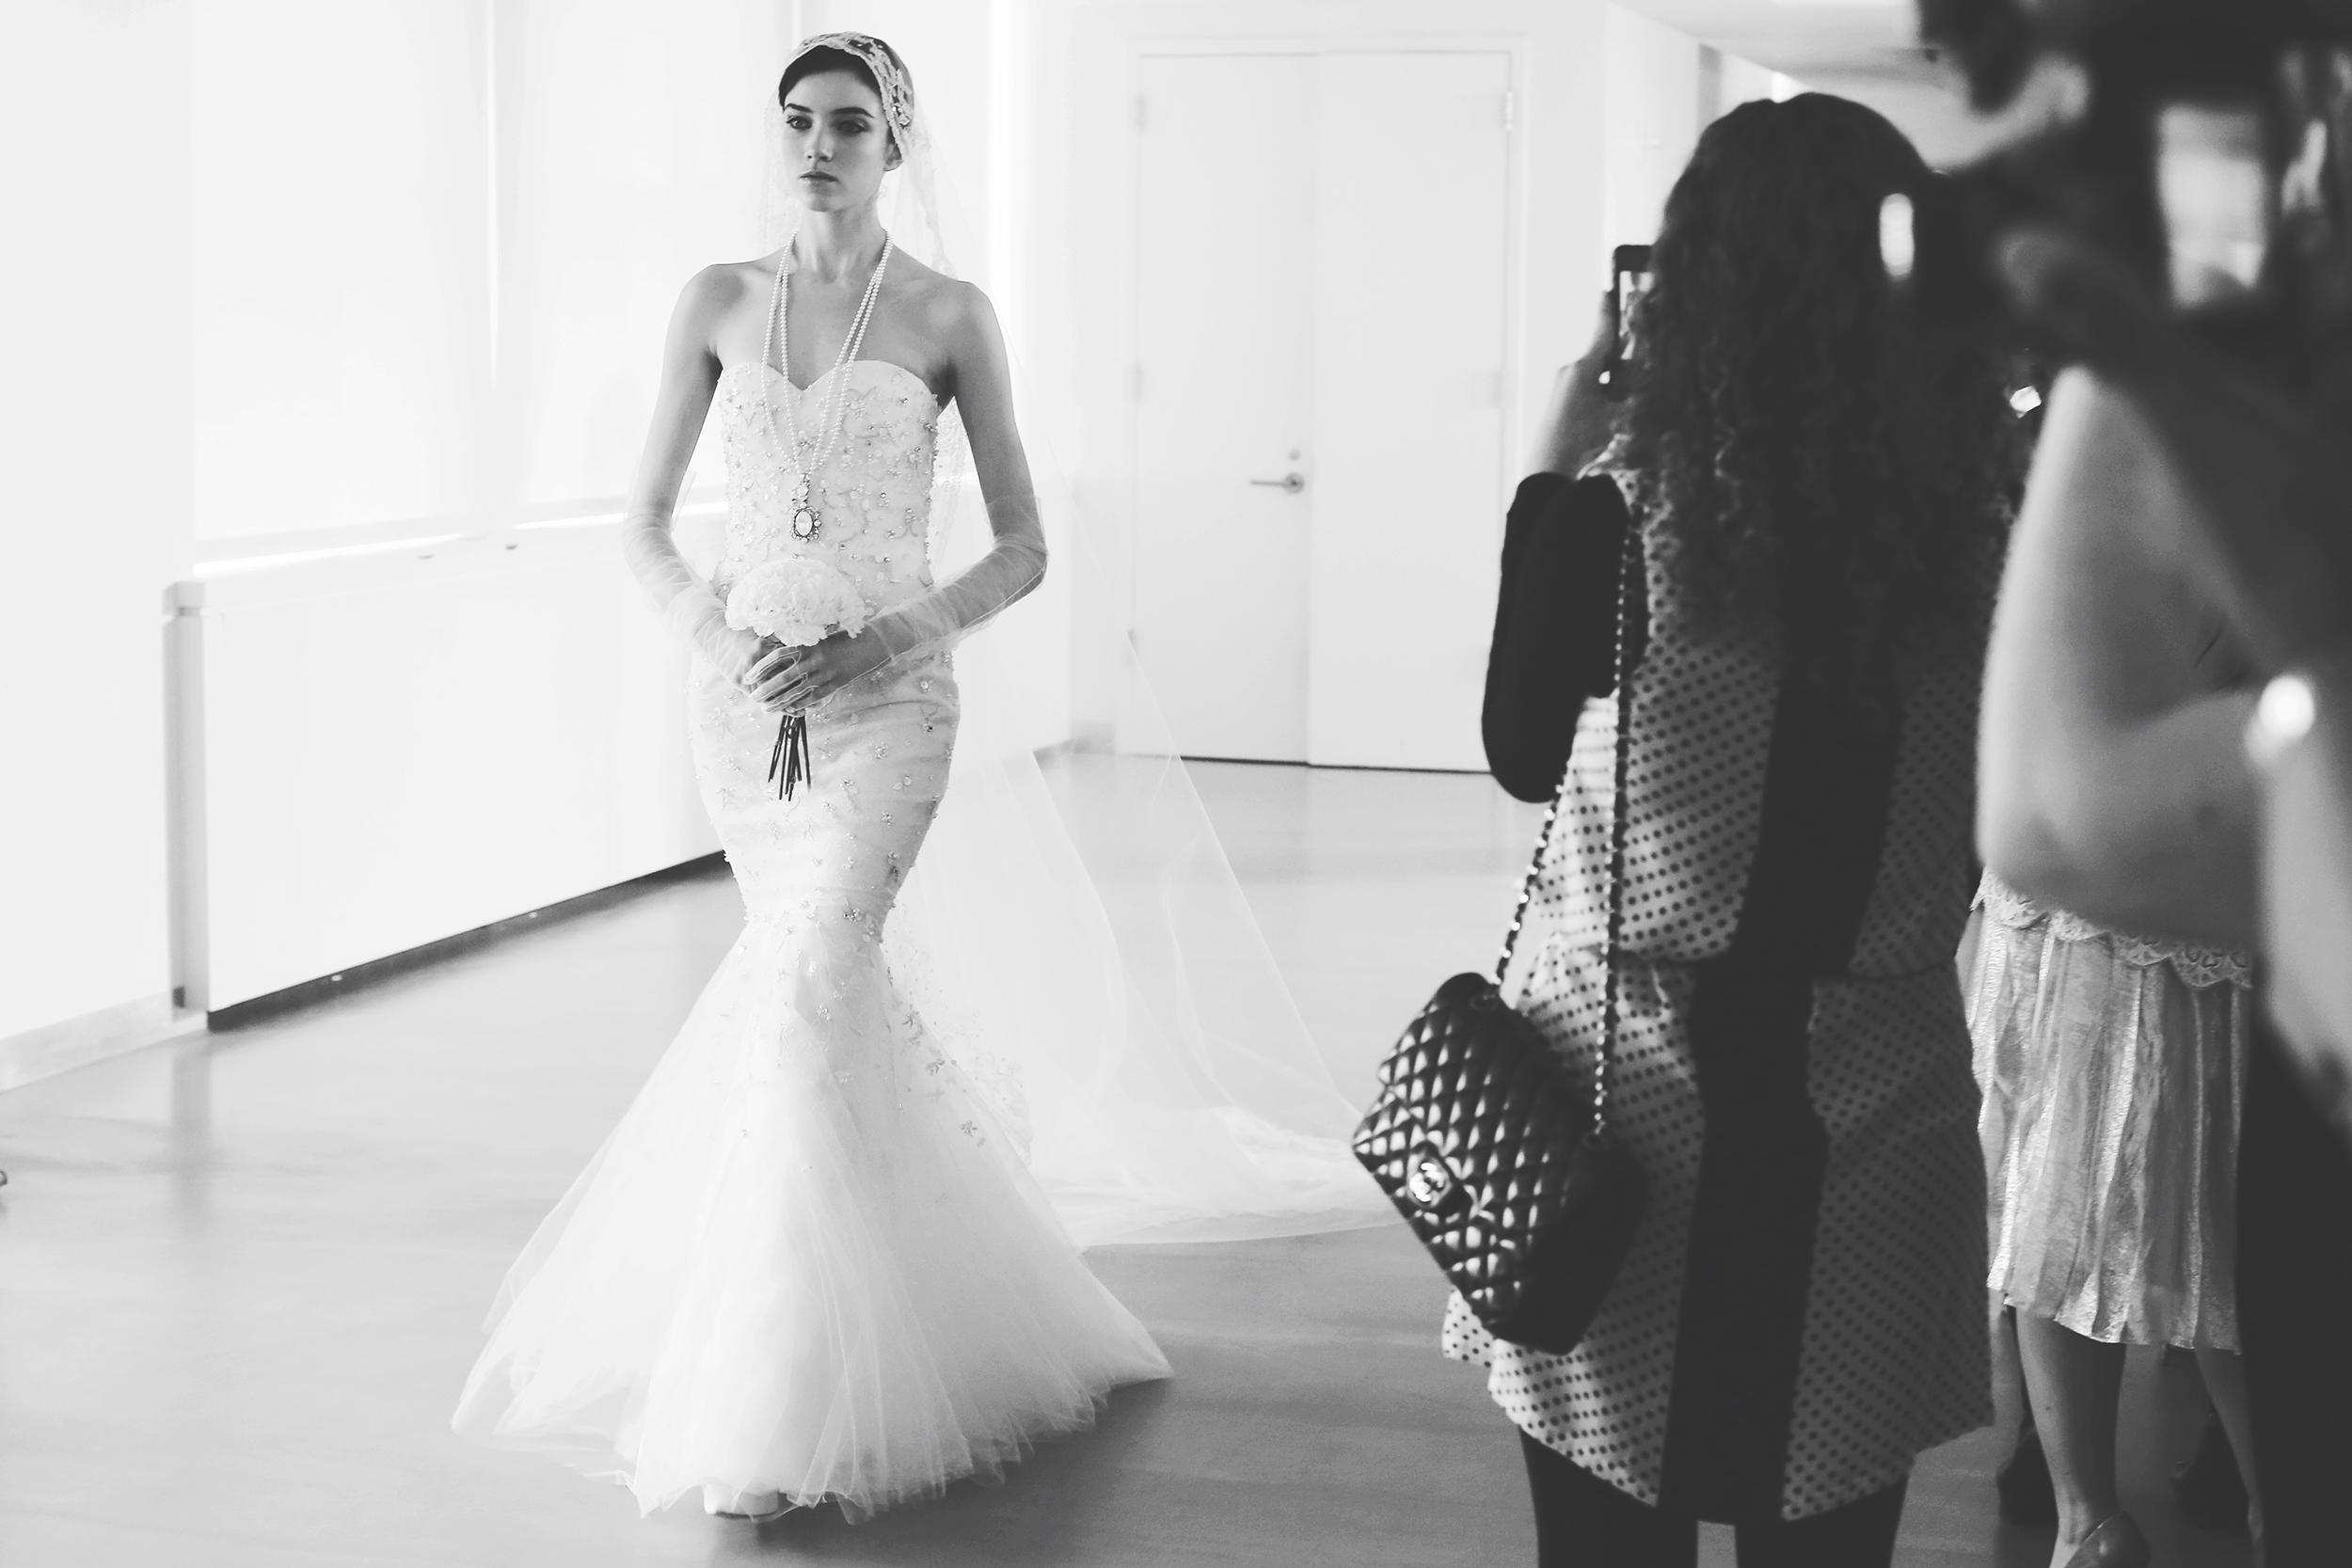 Oscar de la renta bridal spring 2014 wedding dresses 30 for De la renta wedding dresses